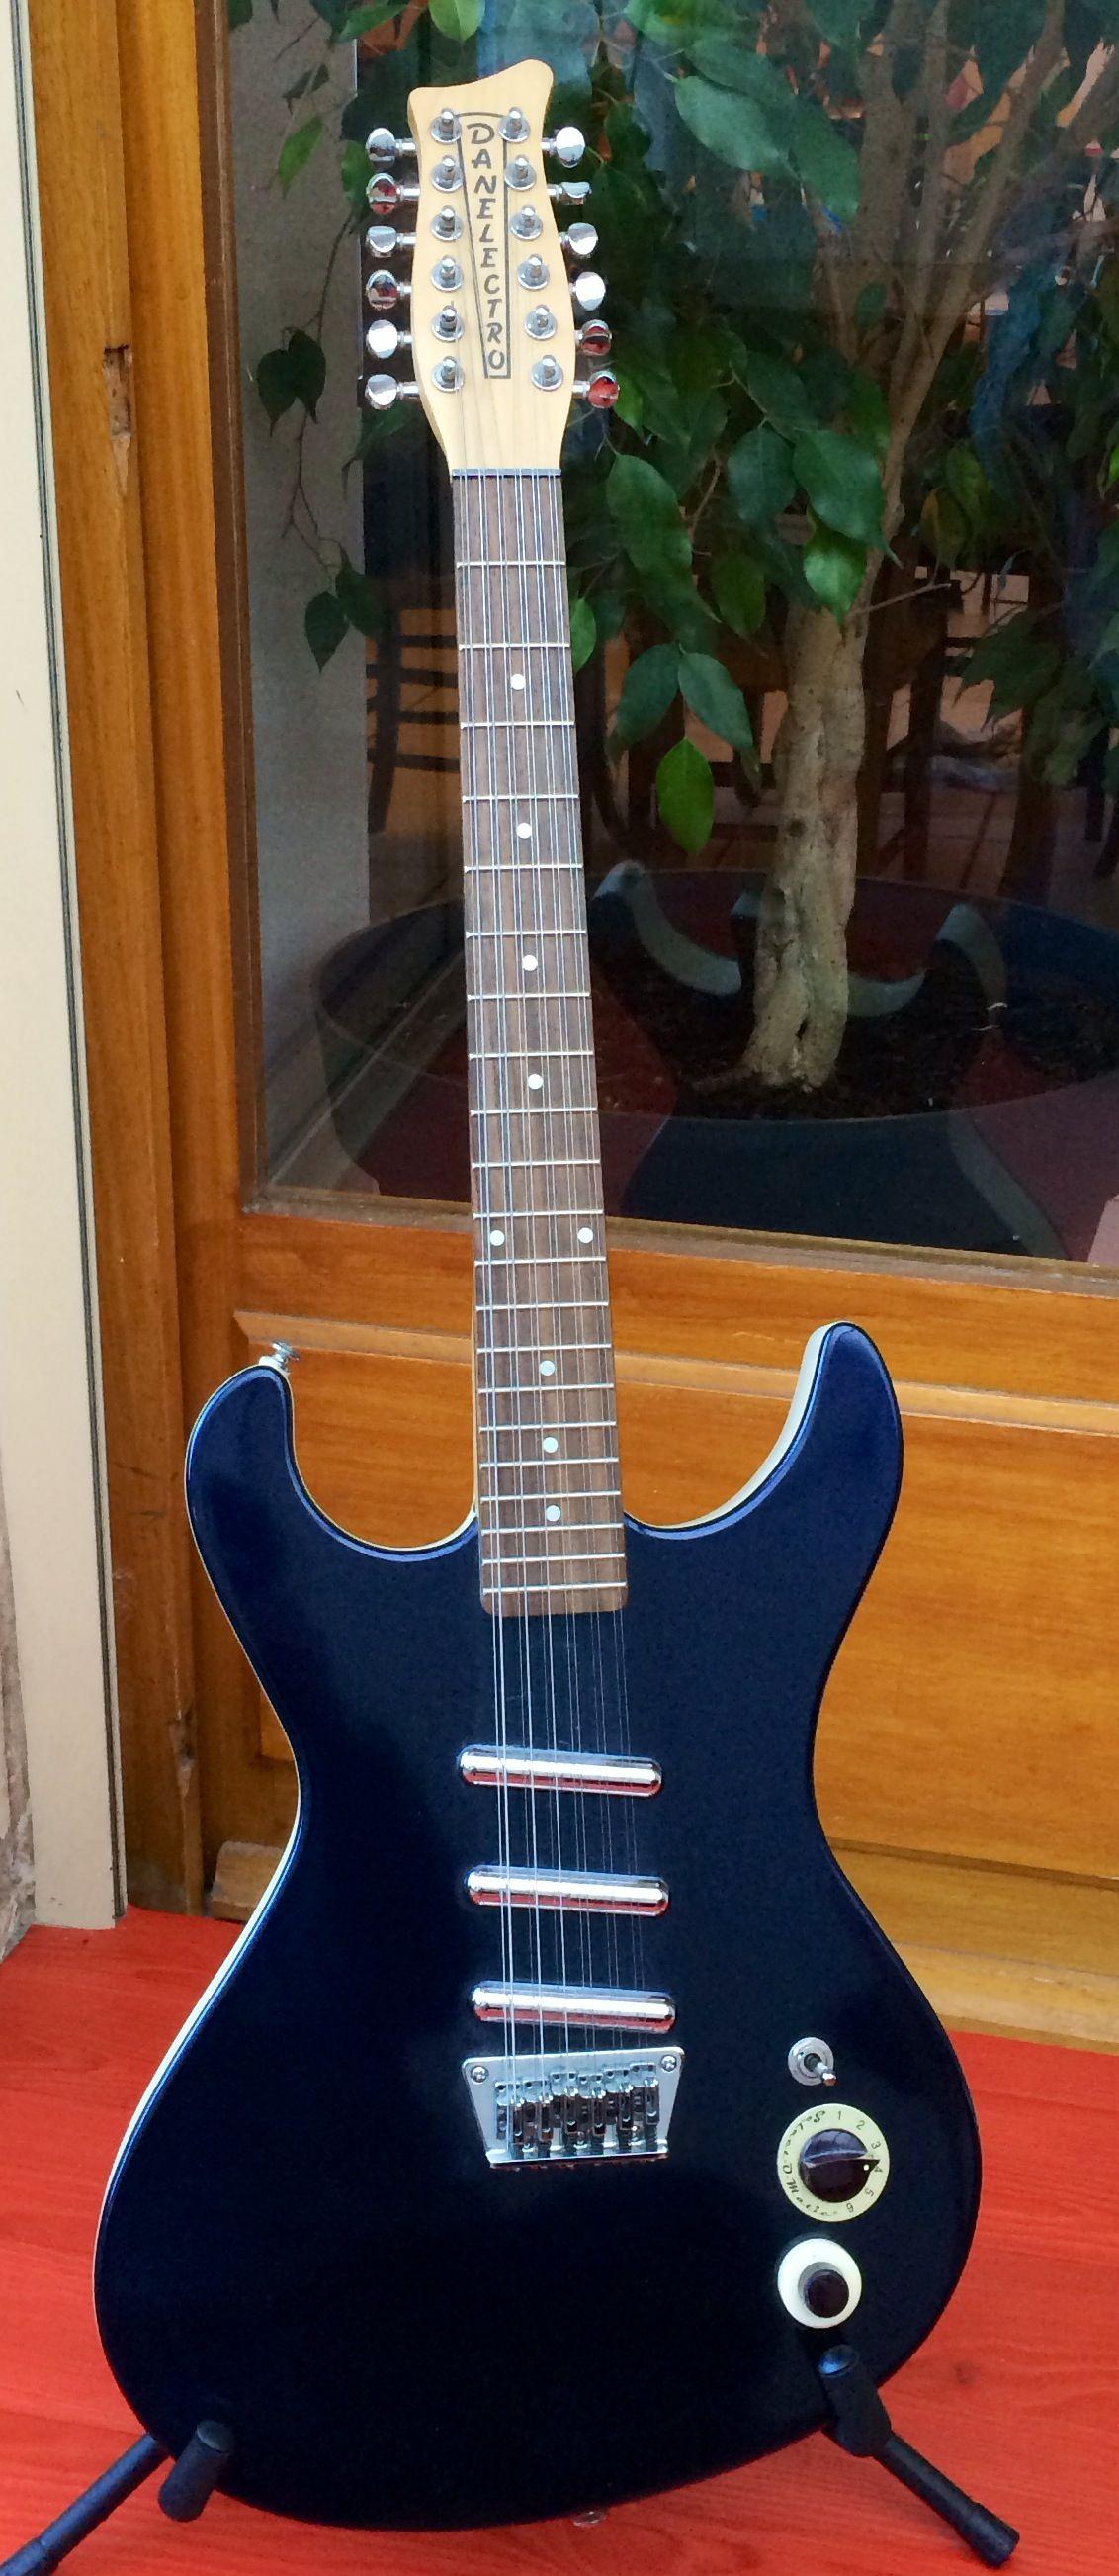 danelectro hodad 12 string inspiration guitar guitar chords 12 string guitar. Black Bedroom Furniture Sets. Home Design Ideas